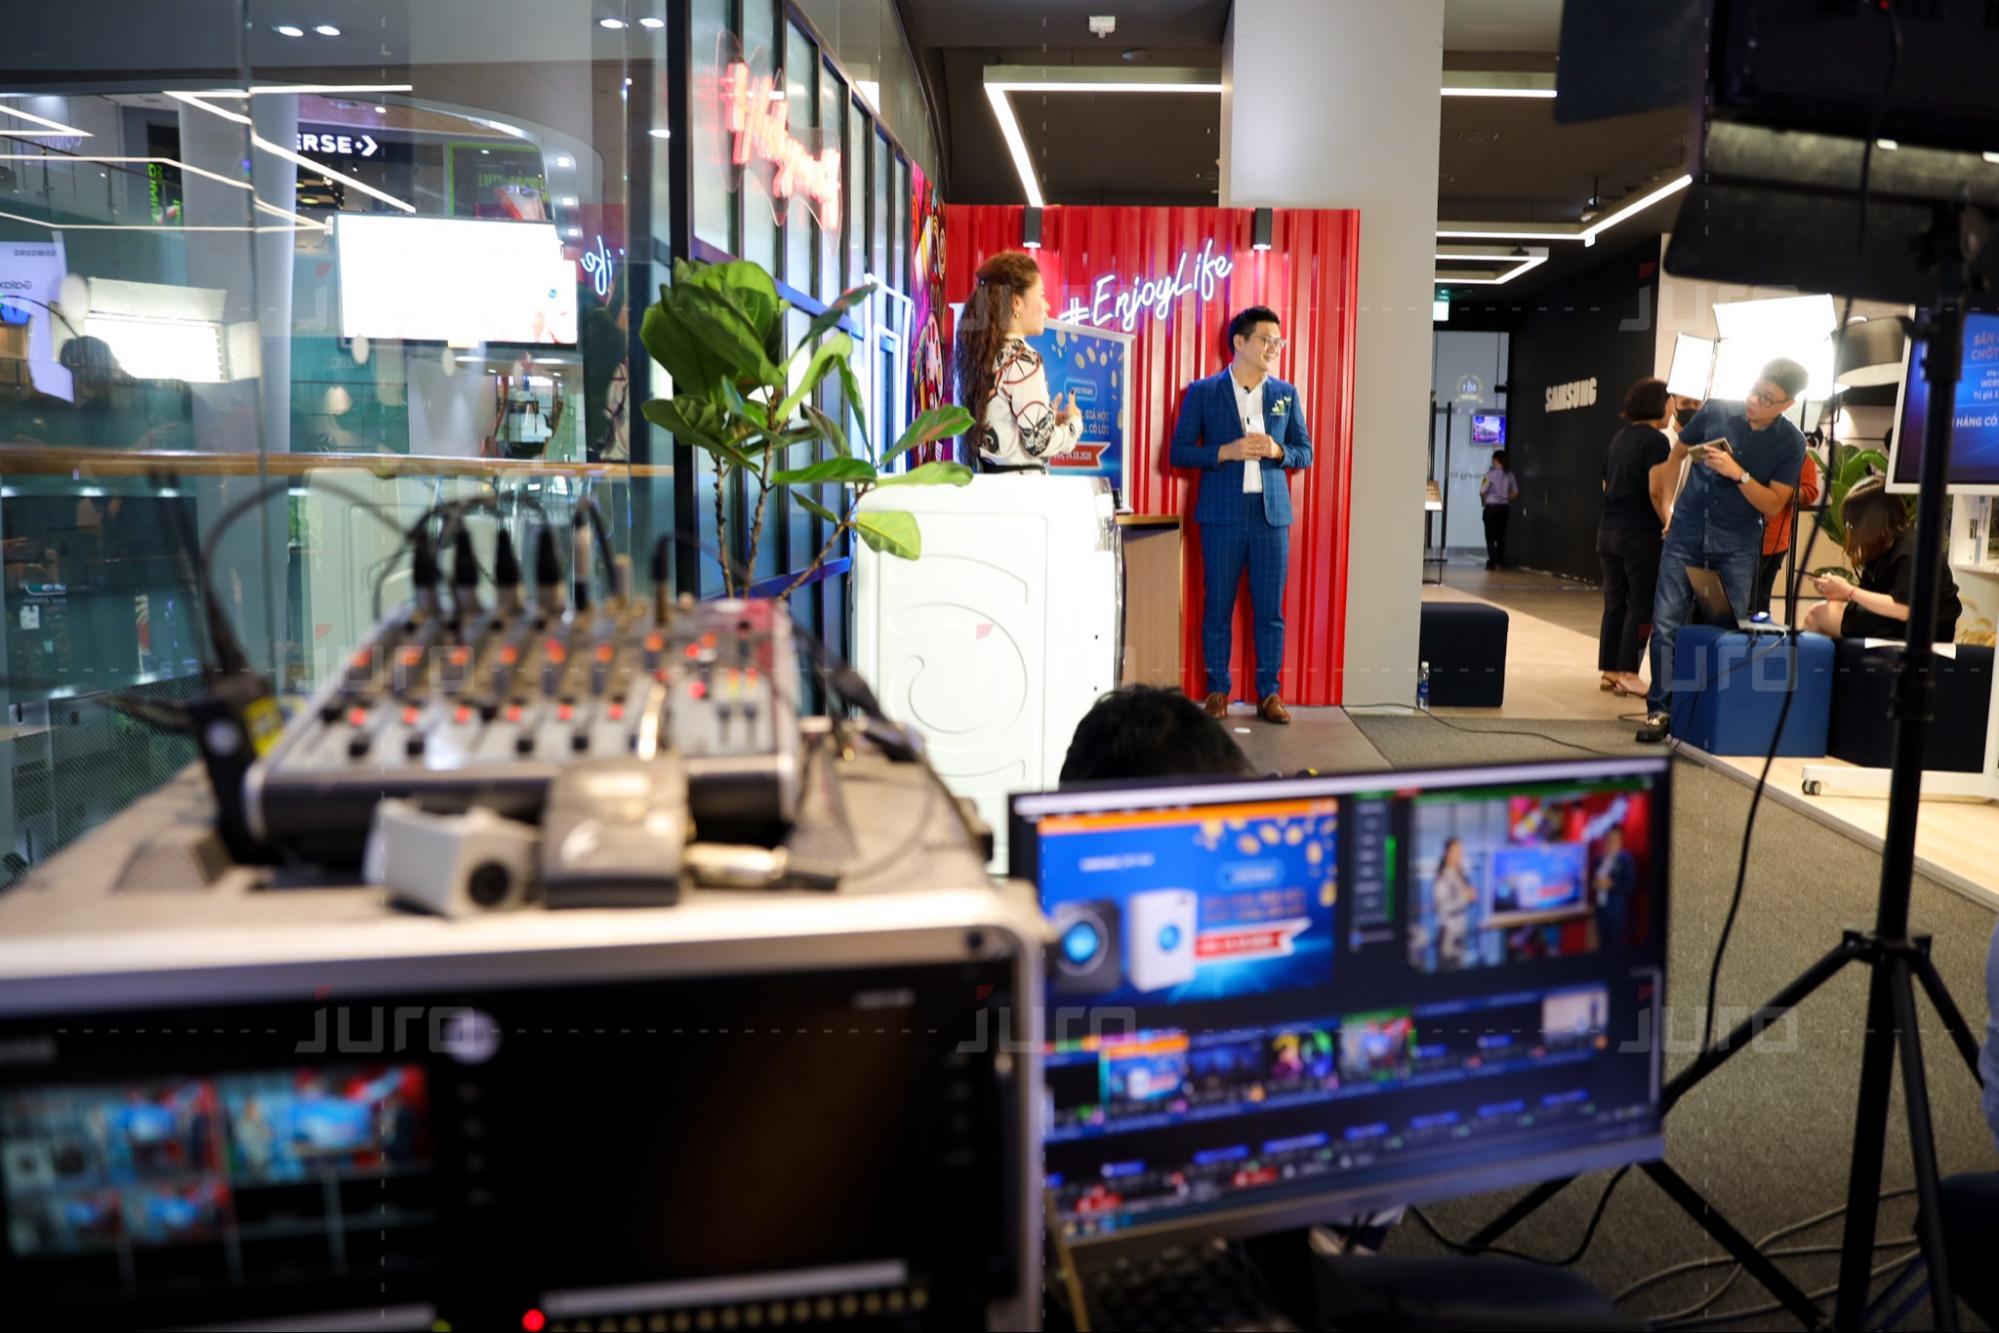 Dịch vụ Livestream chuyên nghiệp tại JURO